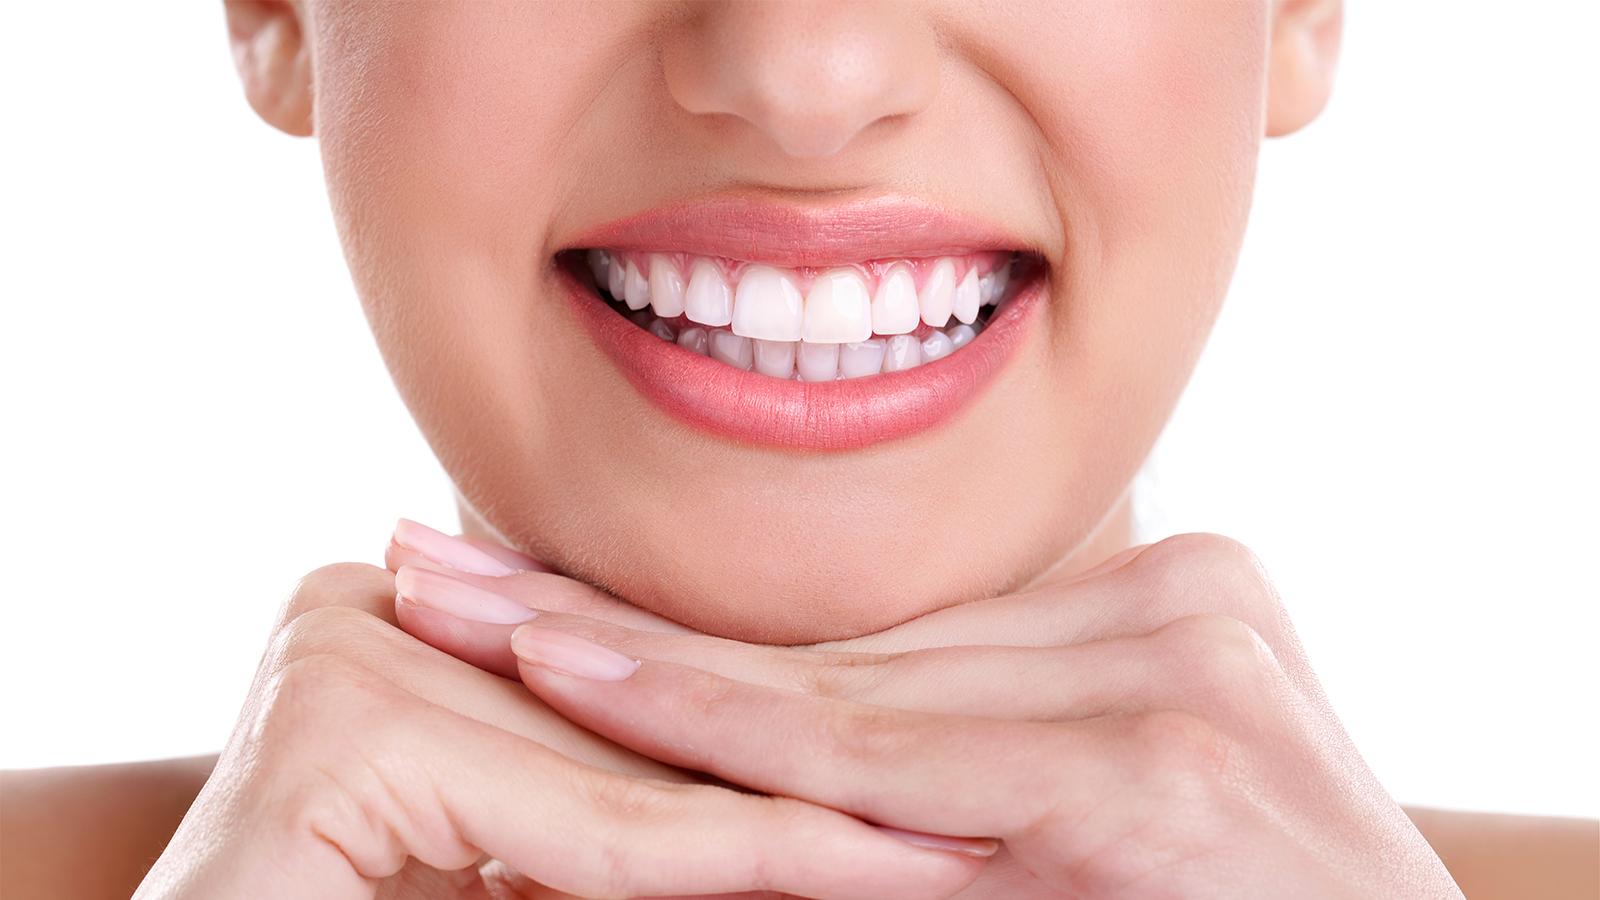 Teeth Smile PNG HD - 148050